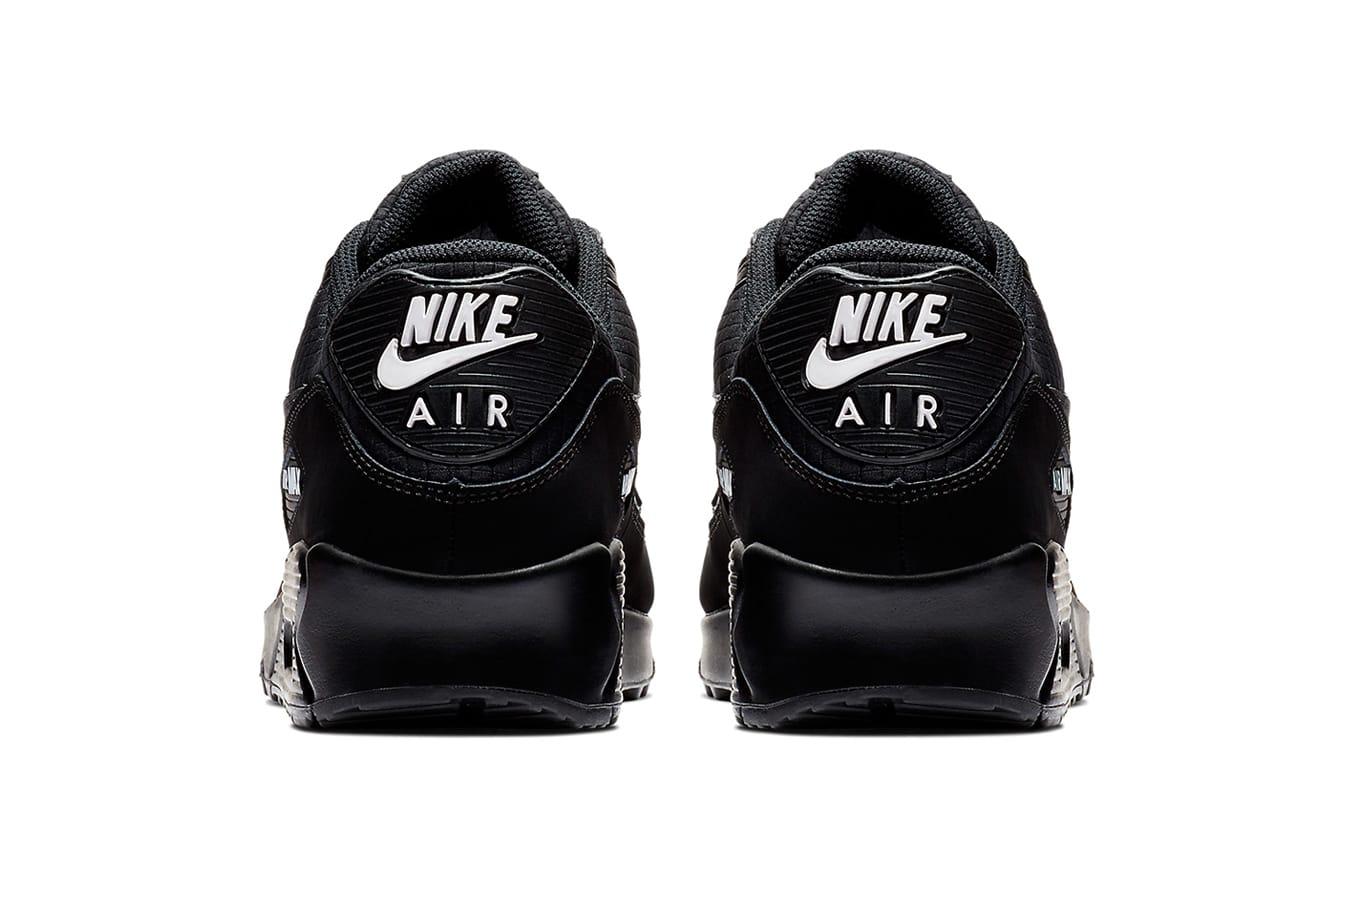 Nike Air Max 90 Essential Black \u0026 White